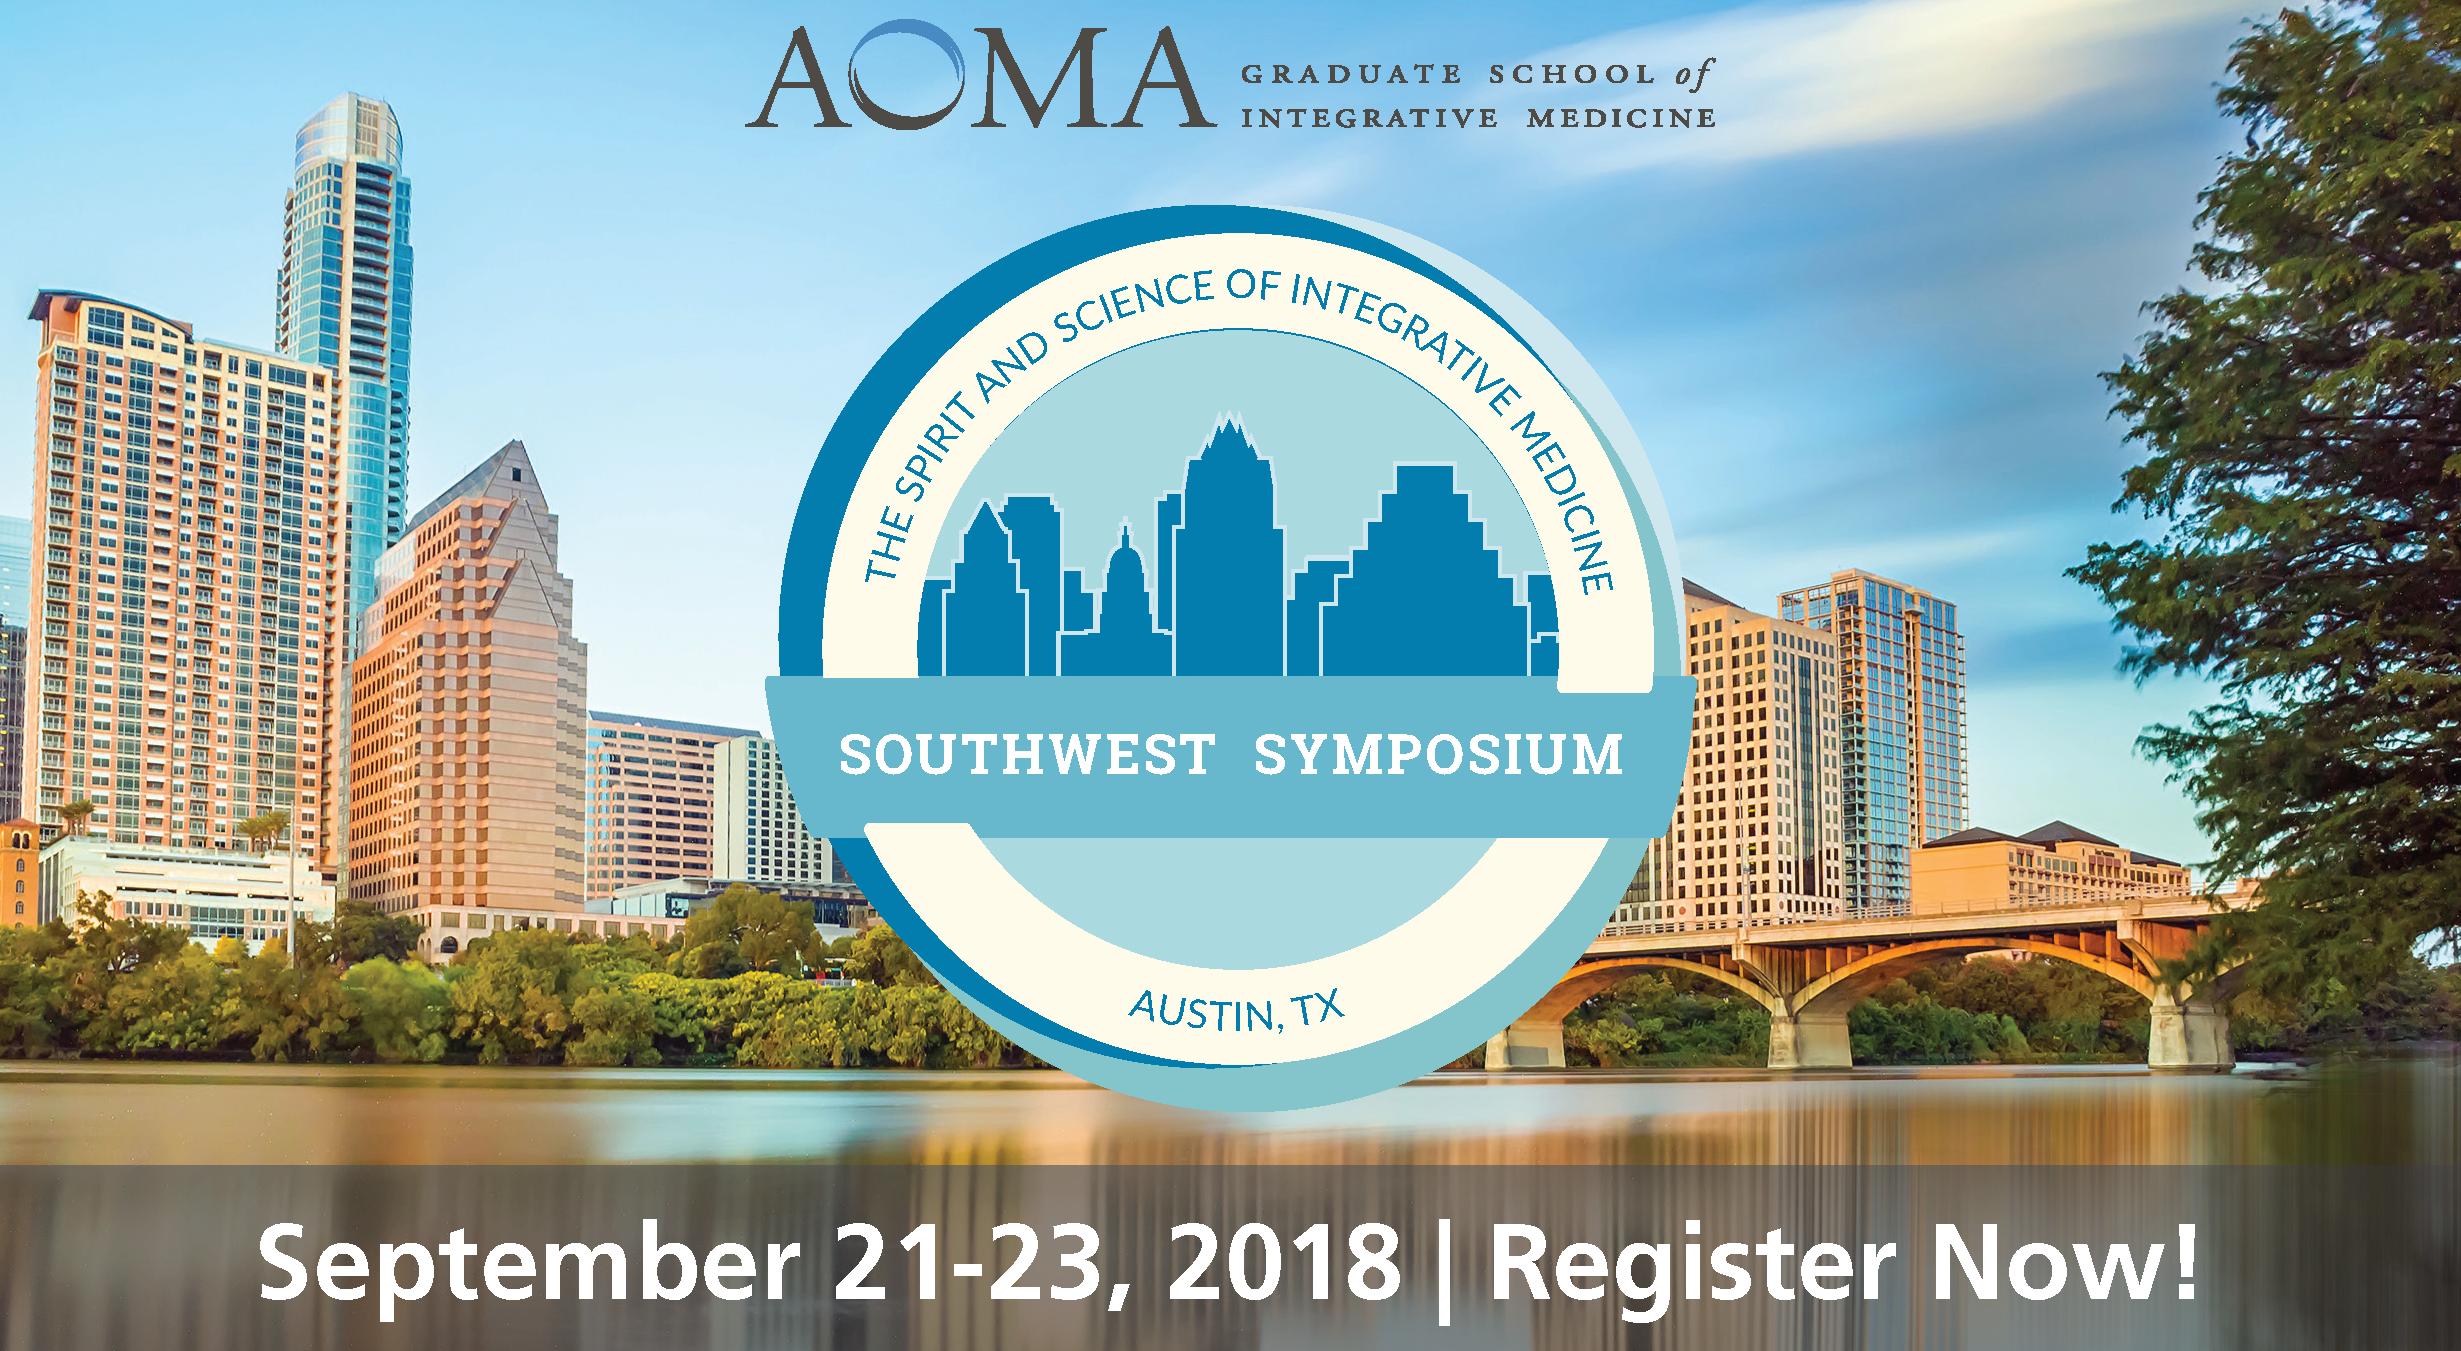 AOMA Southwest Symposium